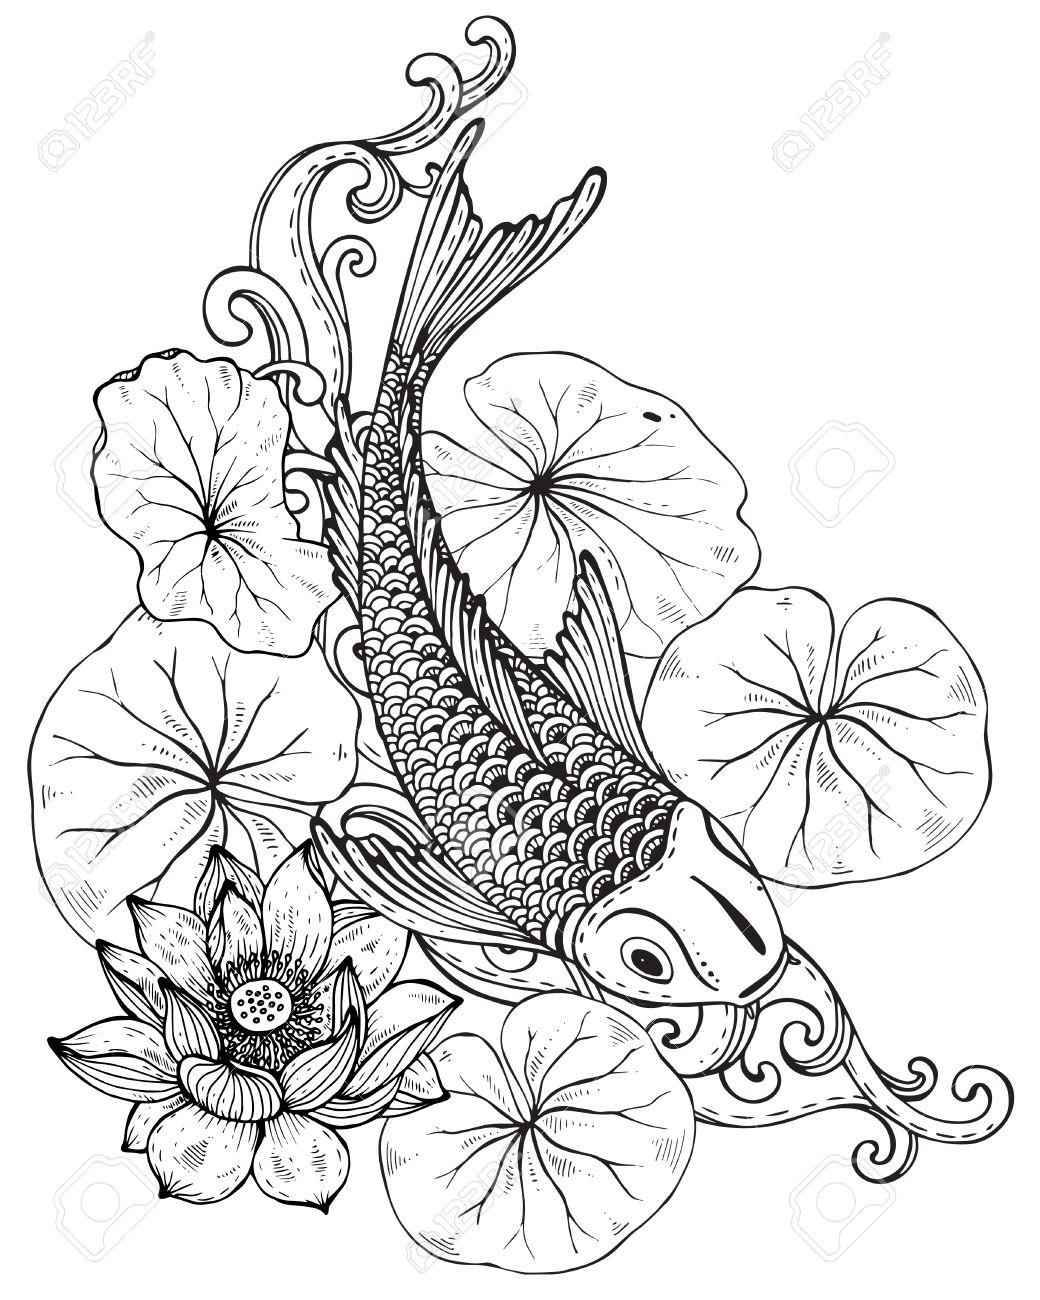 Japanese Fish Drawing At Getdrawings